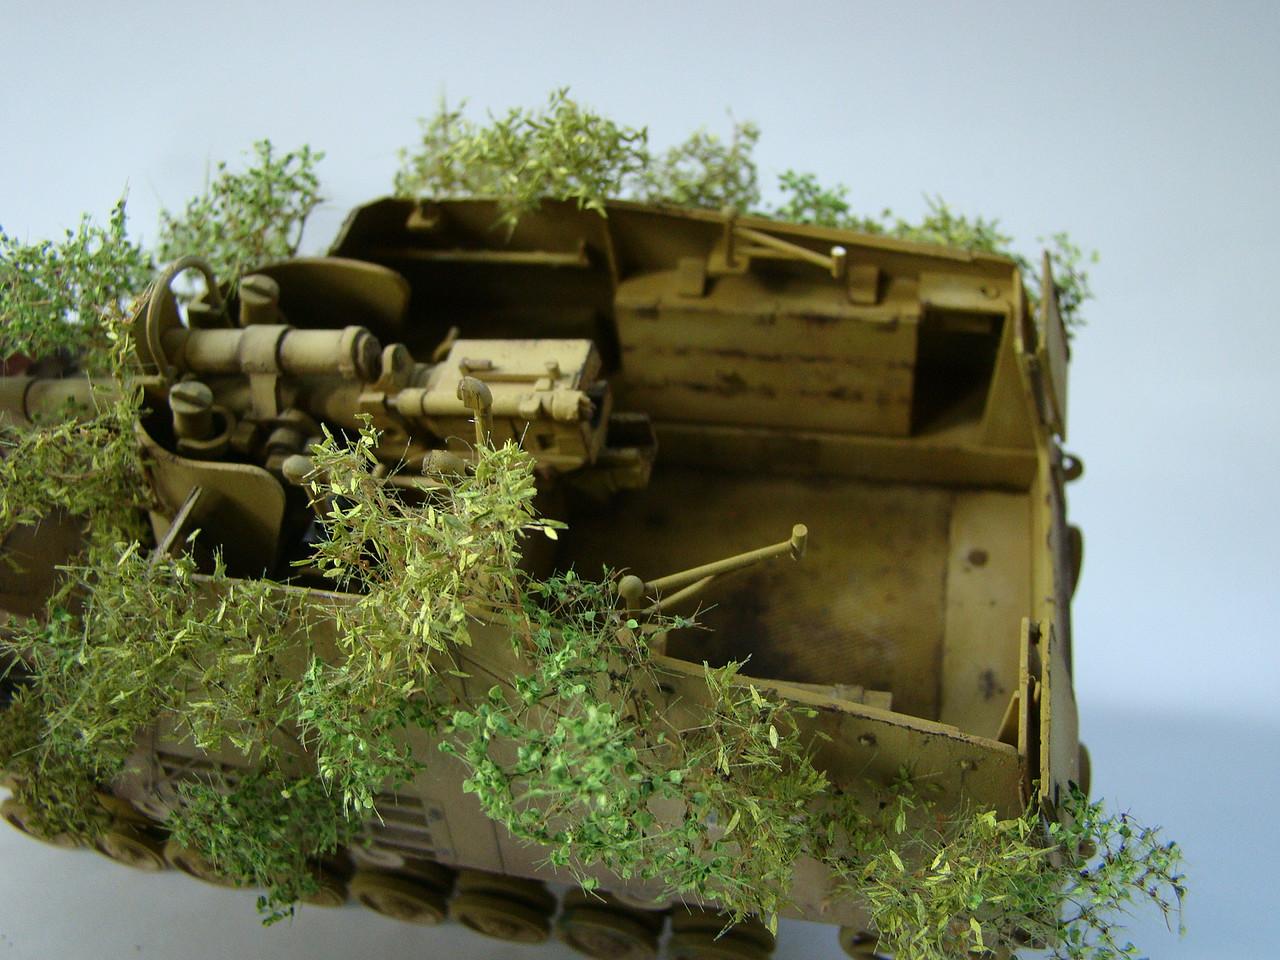 """Sd.Kfz.164 """"Nashorn"""" Dragon 1/35 2B5404F0C314537DA07222537D9F3C"""